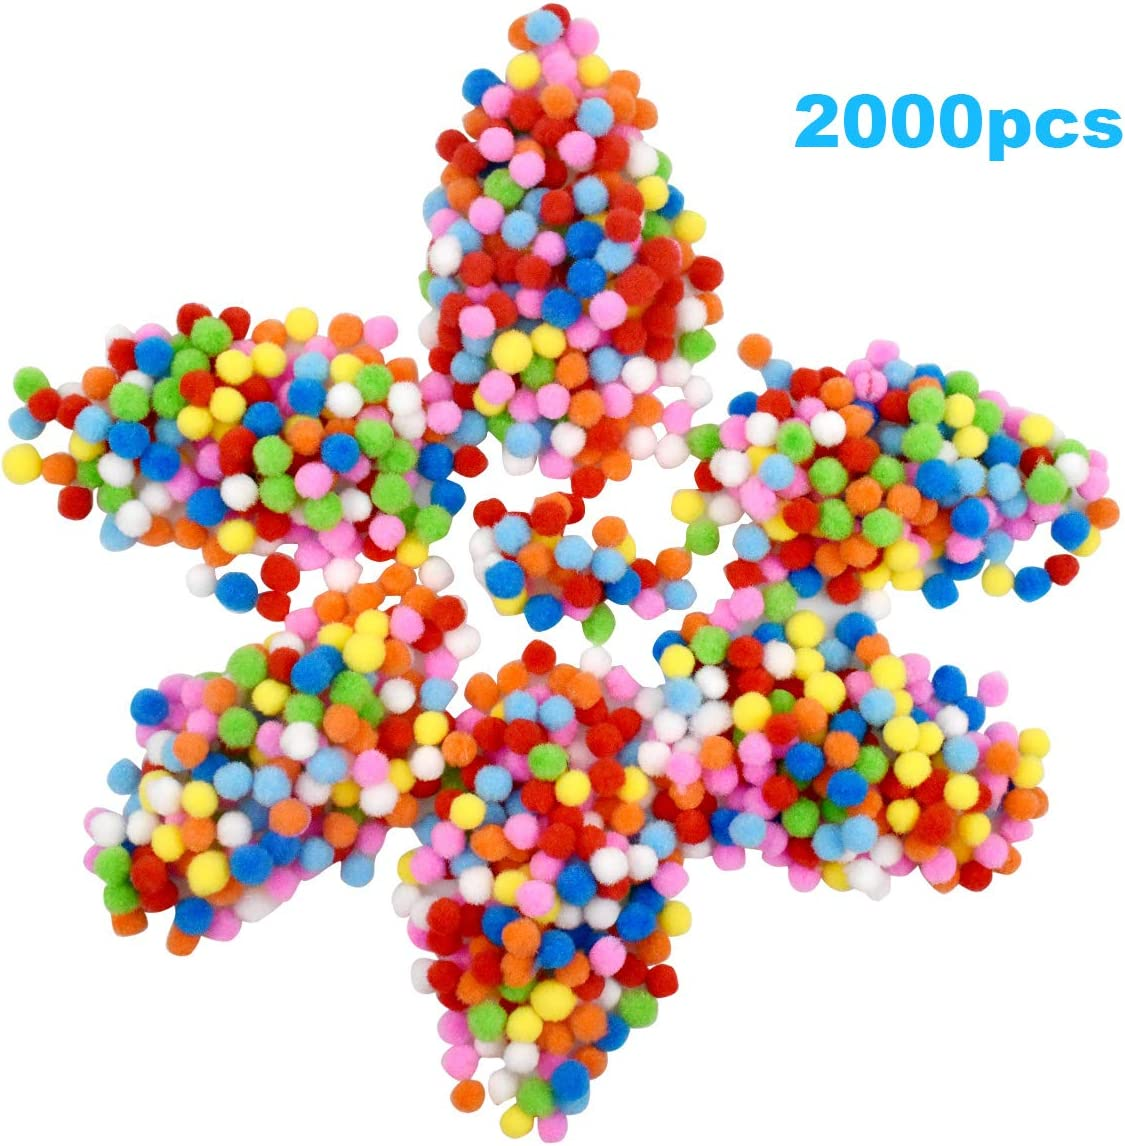 Kissral 2000pcs Pompones de Colores 1 cm de Di/ámetro Pompons para Bricolaje Manualidades de Coser Decoraciones Fiesta Boda Materiales Artesanales para Ni/ños y Adultos